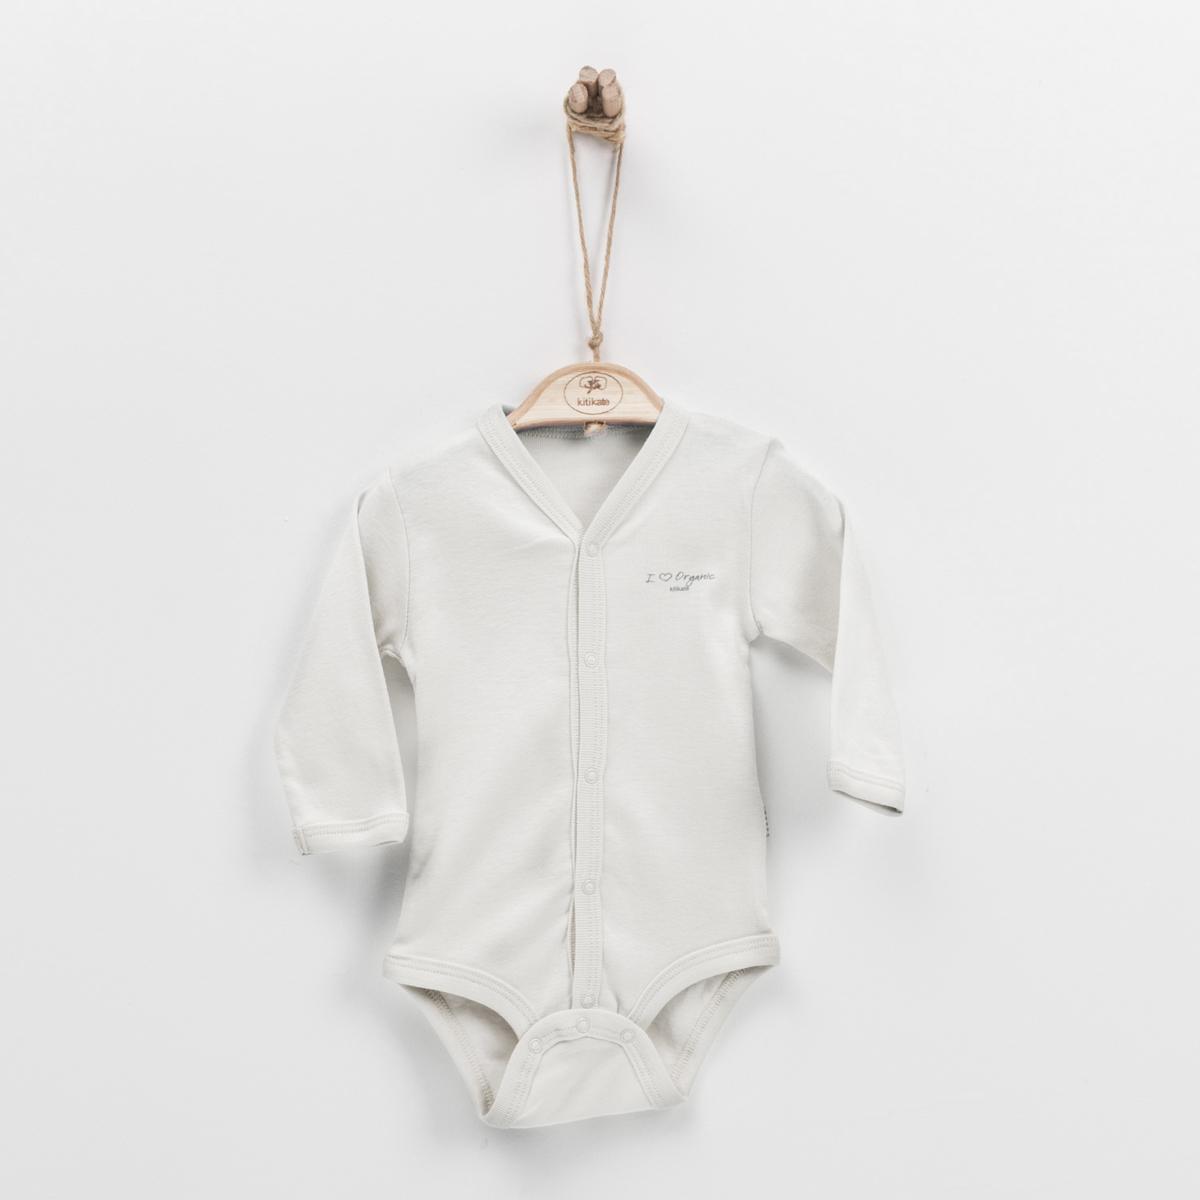 初生嬰兒有機棉長袖夾衣 (杏色)-50cm (0-1M)